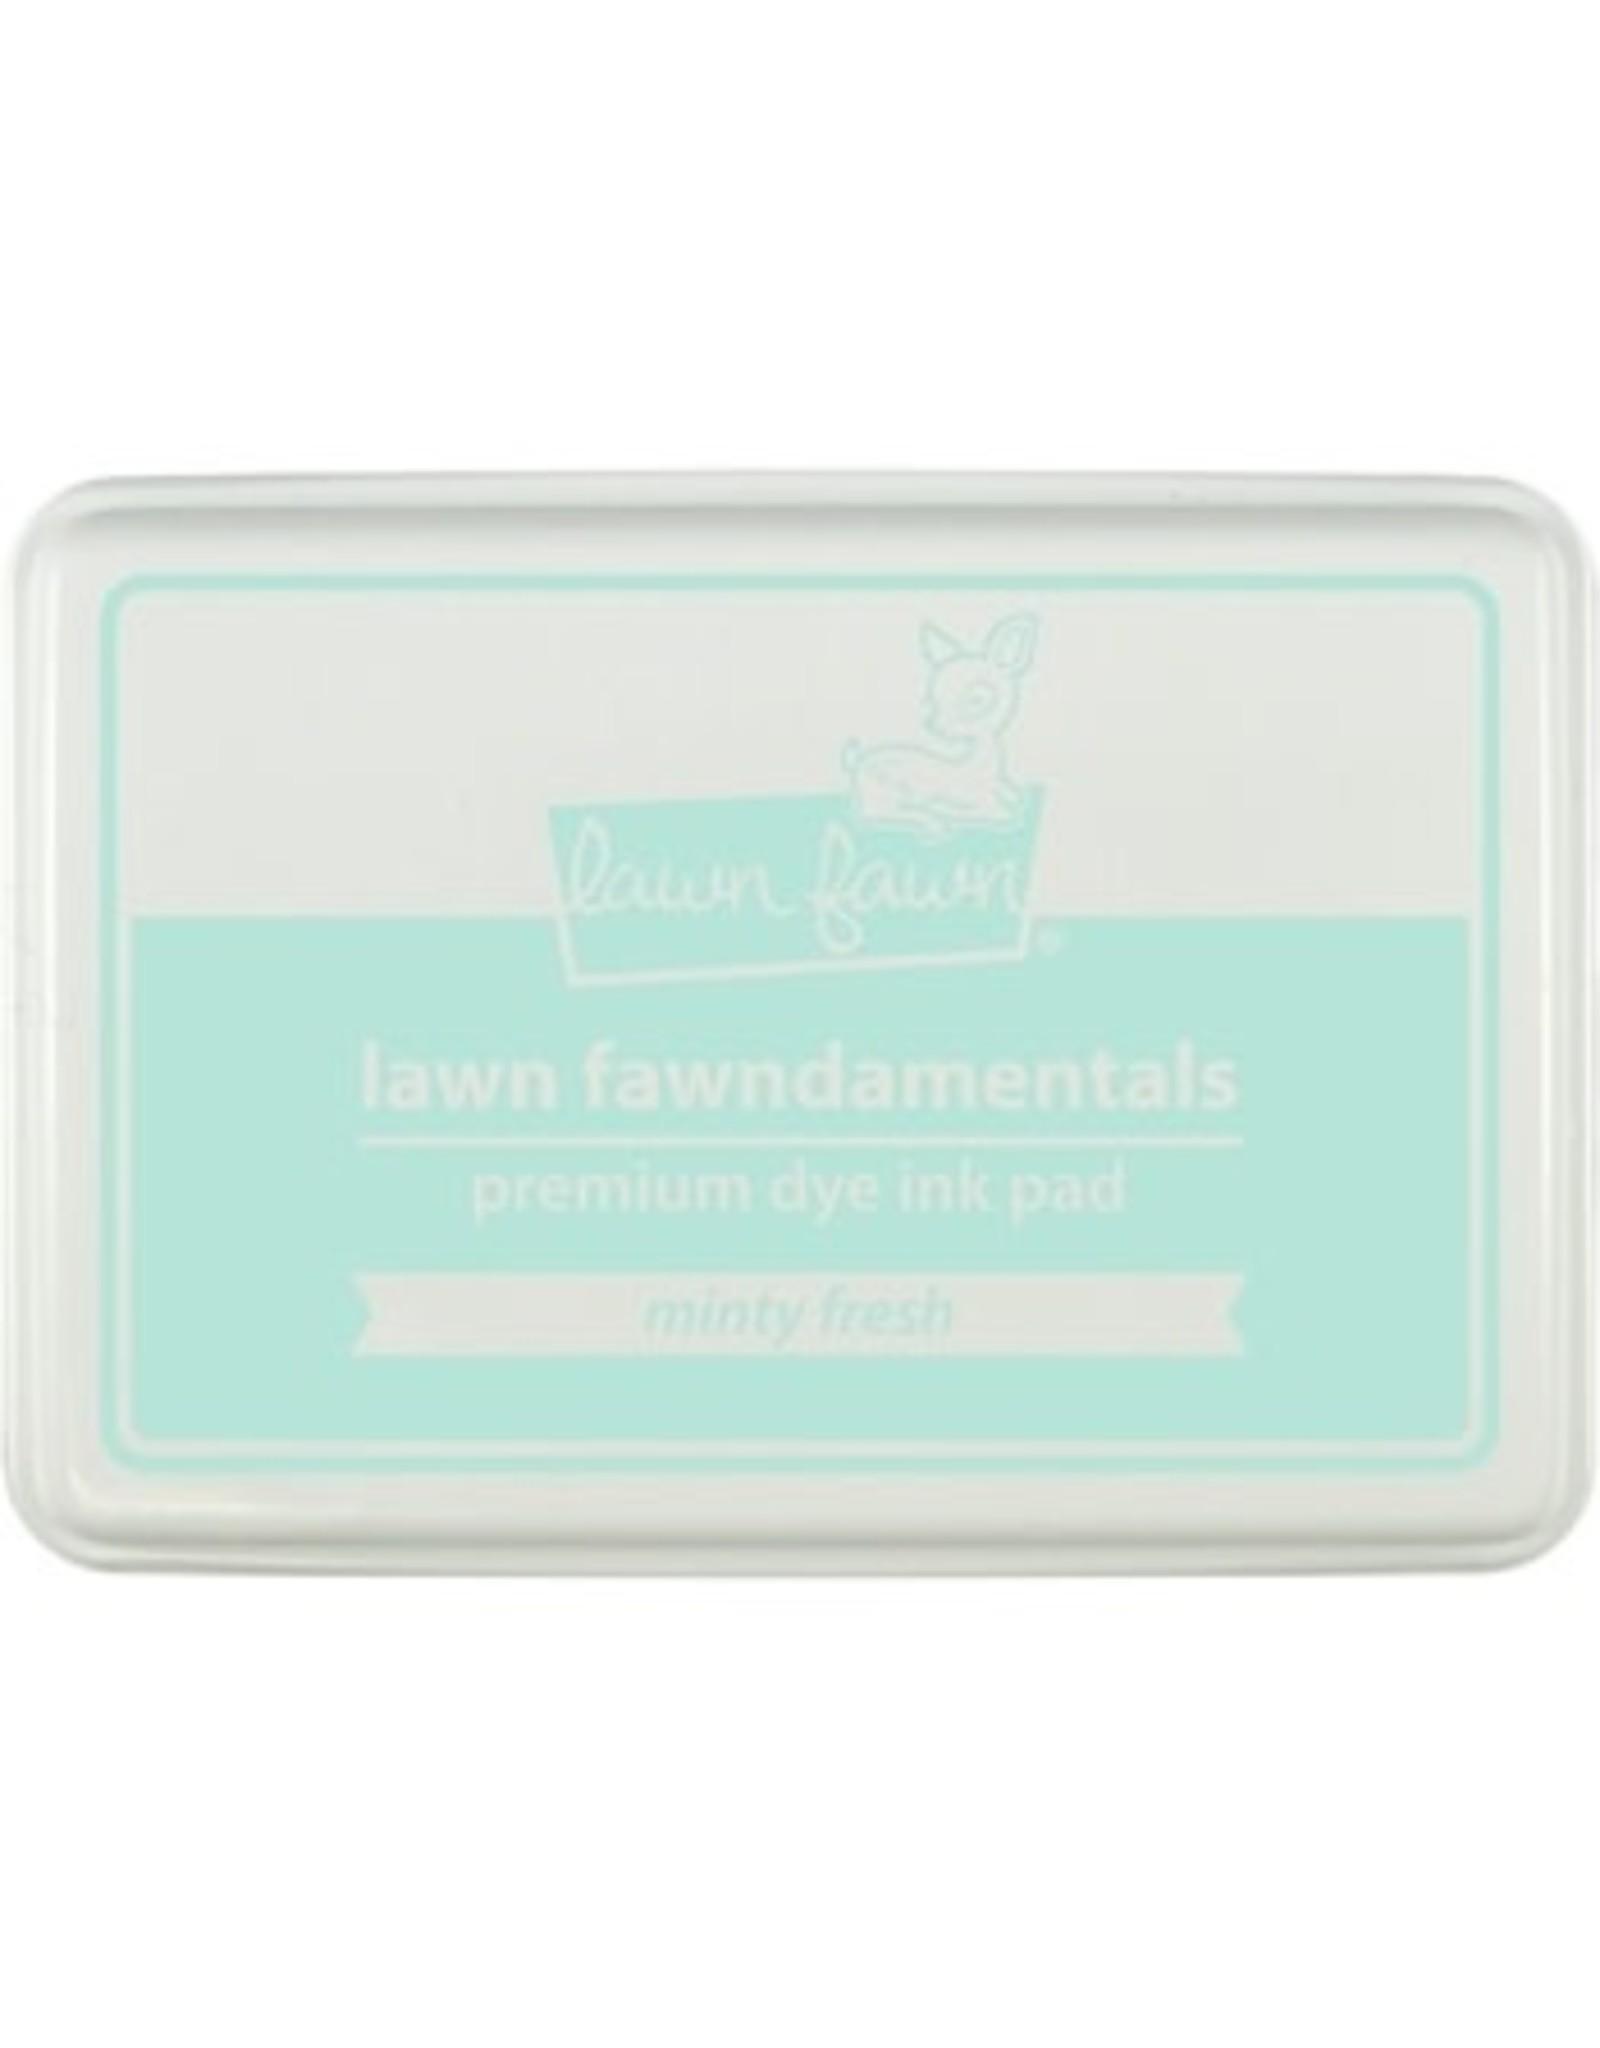 Lawn Fawn Lawn Fawndamentals Dye Ink Pad - Minty Fresh